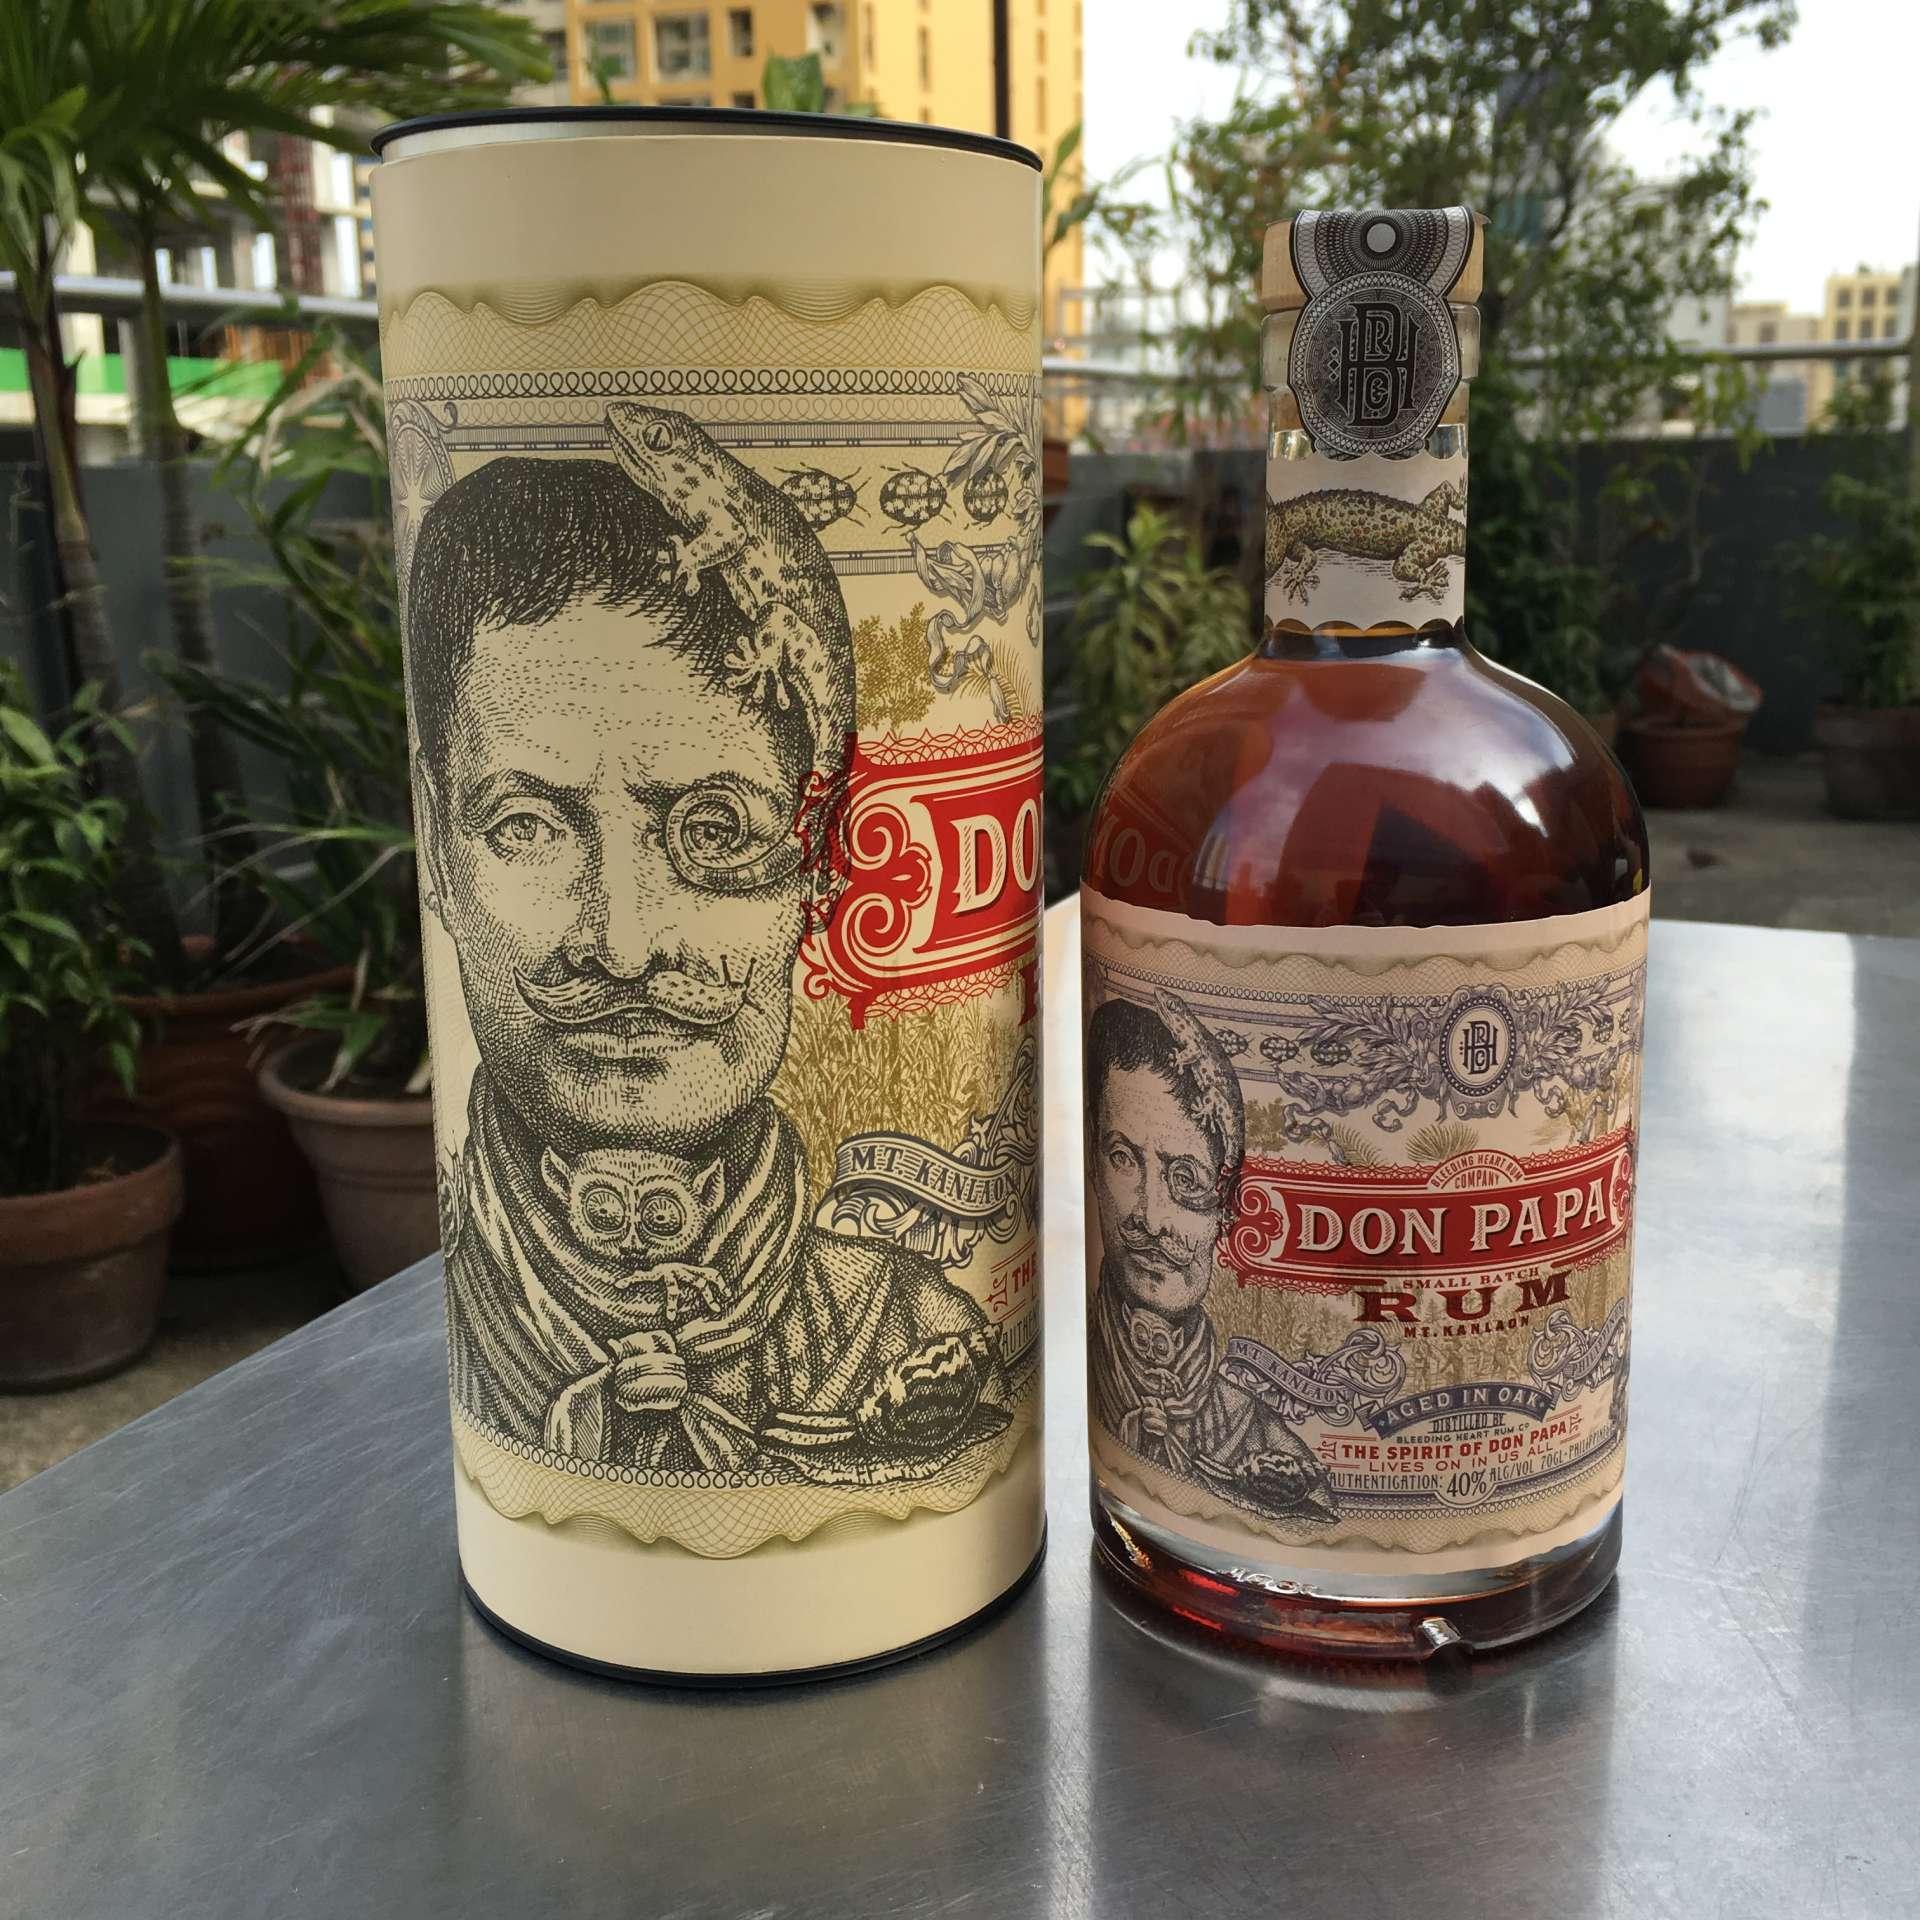 Der beste Rum der welt- für meinen Geschmack